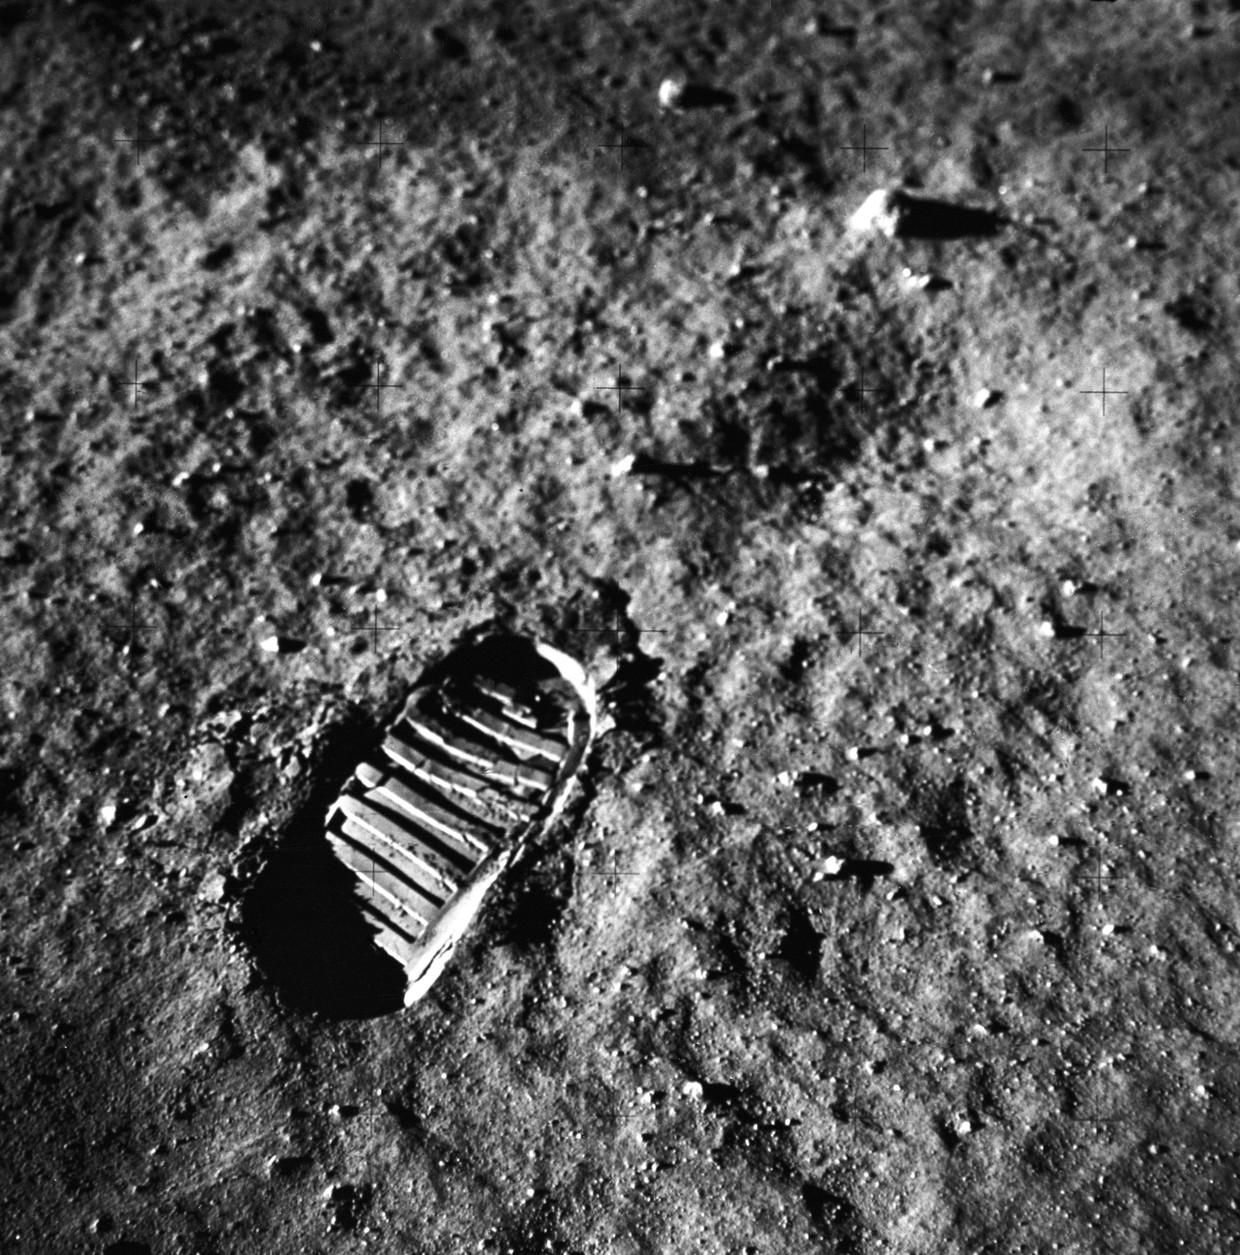 De voetafdrukken van NeilArmstrong op de maan worden door Nasa gezien als erfgoed.Maar er zijn geen internationale regels die mensen verplicht die te beschermen.